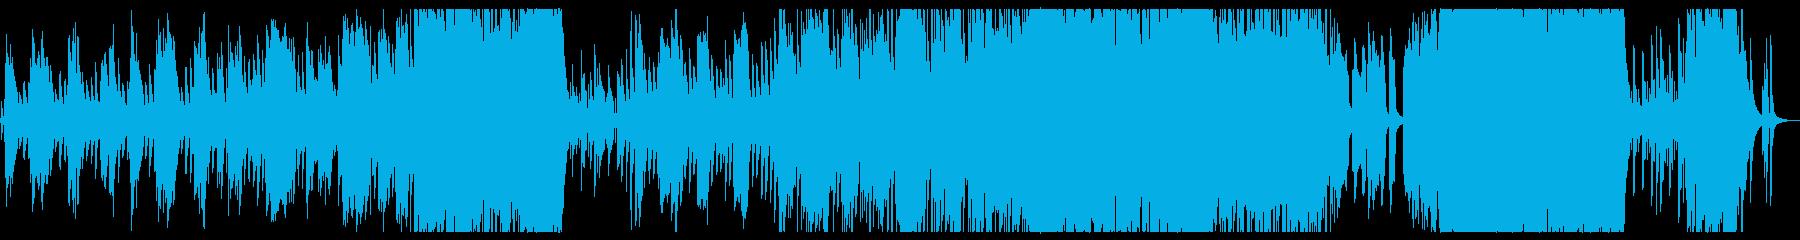 夕焼けシーンの卒業ソングの再生済みの波形